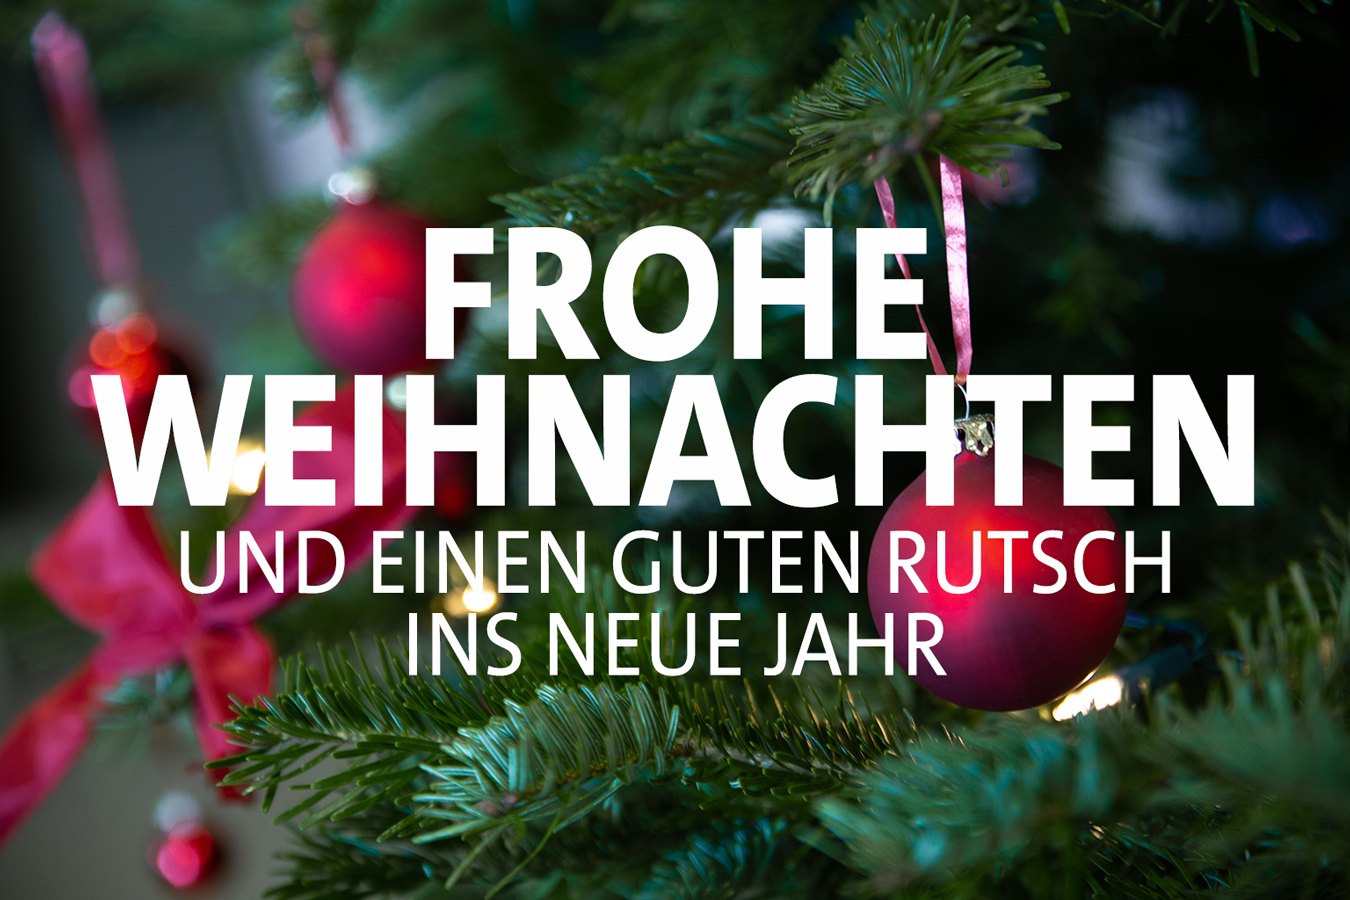 Frohe Weihnachten Guten Rutsch Ins Neue Jahr.Frohe Weihnachten Und Einen Guten Rutsch Ins Neue Jahr Spd Duisburg